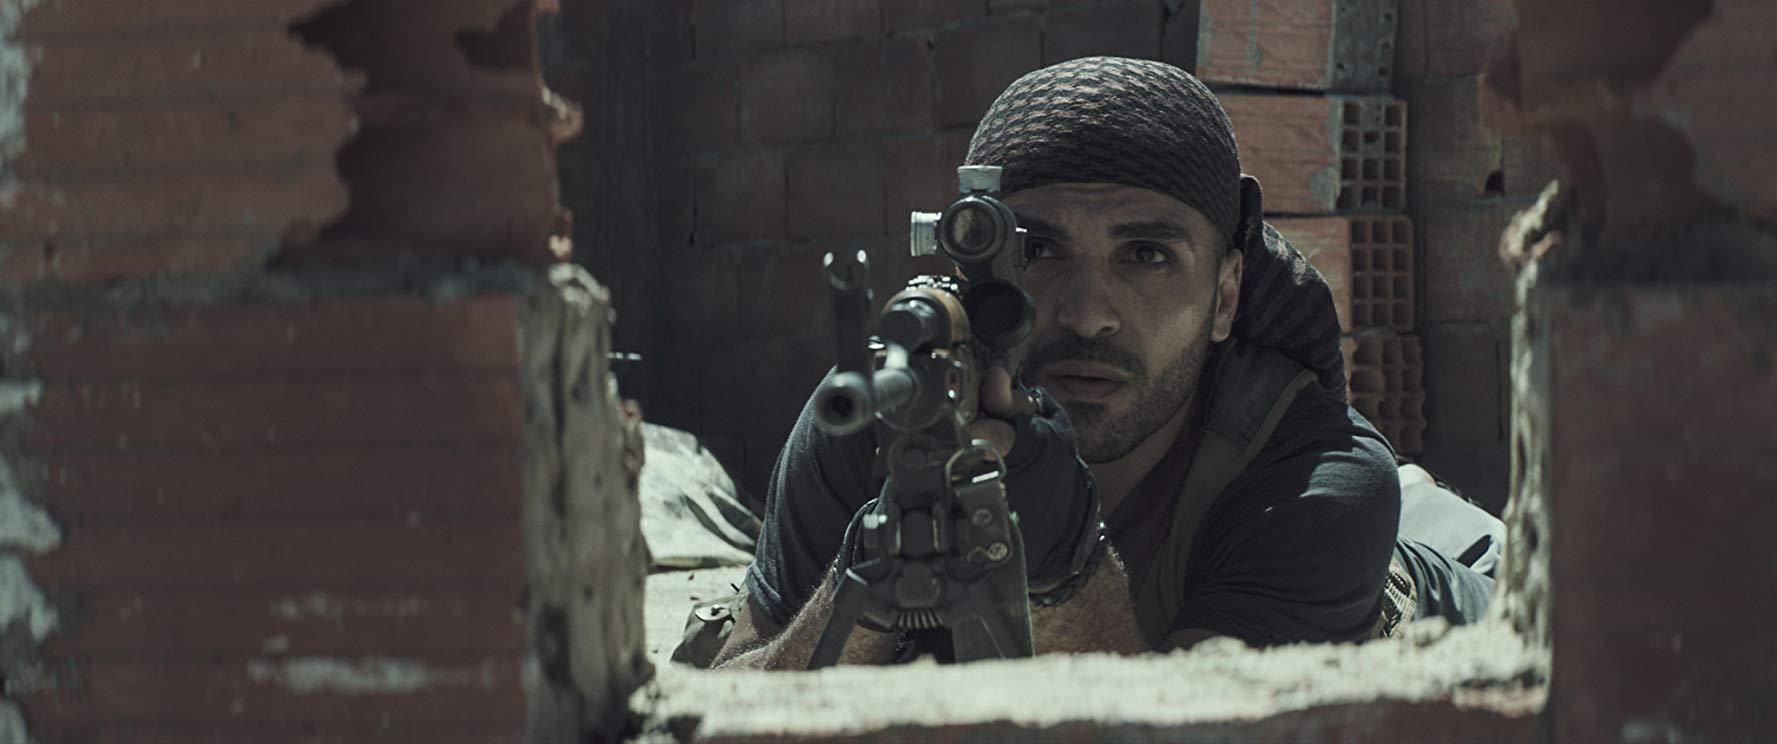 アメリカン・スナイパー(American Sniper)